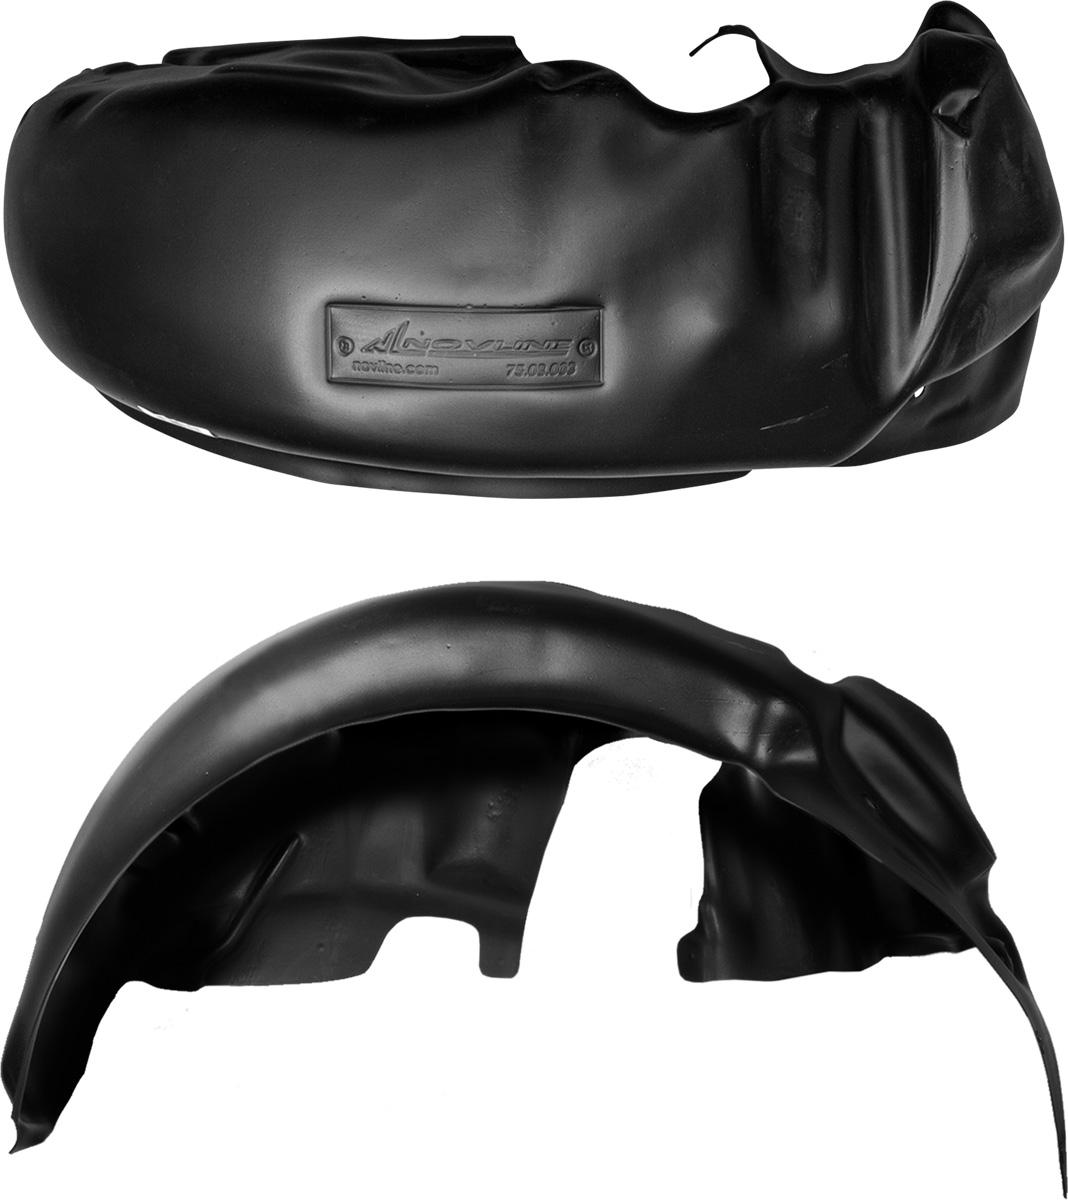 Подкрылок OPEL Astra H, 5D 2007->, хэтчбек, задний левыйNLL.37.17.003Колесные ниши – одни из самых уязвимых зон днища вашего автомобиля. Они постоянно подвергаются воздействию со стороны дороги. Лучшая, почти абсолютная защита для них - специально отформованные пластиковые кожухи, которые называются подкрылками, или локерами. Производятся они как для отечественных моделей автомобилей, так и для иномарок. Подкрылки выполнены из высококачественного, экологически чистого пластика. Обеспечивают надежную защиту кузова автомобиля от пескоструйного эффекта и негативного влияния, агрессивных антигололедных реагентов. Пластик обладает более низкой теплопроводностью, чем металл, поэтому в зимний период эксплуатации использование пластиковых подкрылков позволяет лучше защитить колесные ниши от налипания снега и образования наледи. Оригинальность конструкции подчеркивает элегантность автомобиля, бережно защищает нанесенное на днище кузова антикоррозийное покрытие и позволяет осуществить крепление подкрылков внутри колесной арки практически без дополнительного крепежа и сверления, не нарушая при этом лакокрасочного покрытия, что предотвращает возникновение новых очагов коррозии. Технология крепления подкрылков на иномарки принципиально отличается от крепления на российские автомобили и разрабатывается индивидуально для каждой модели автомобиля. Подкрылки долговечны, обладают высокой прочностью и сохраняют заданную форму, а также все свои физико-механические характеристики в самых тяжелых климатических условиях ( от -50° С до + 50° С).